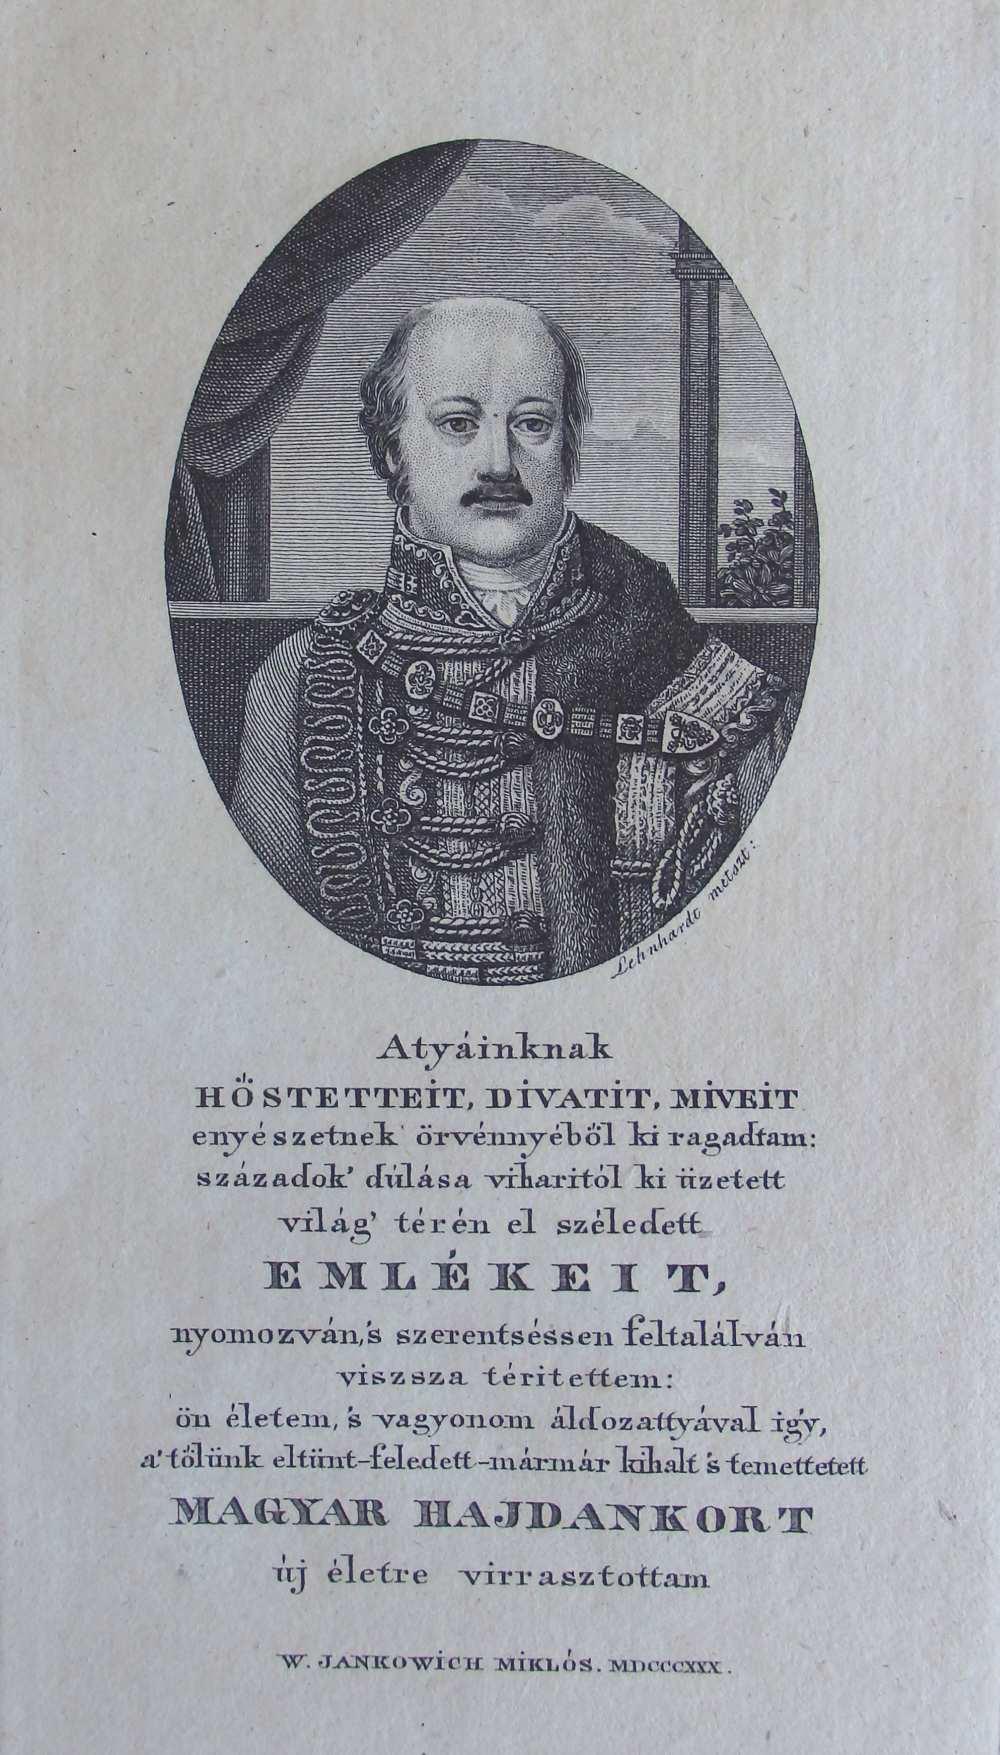 Lehnhardt Sámuel (1790–1840): Jankovich Miklós-arckép, 1830. Rézmetszet – Kézirattár, Jankovich-kéziratok, Fond 16/1